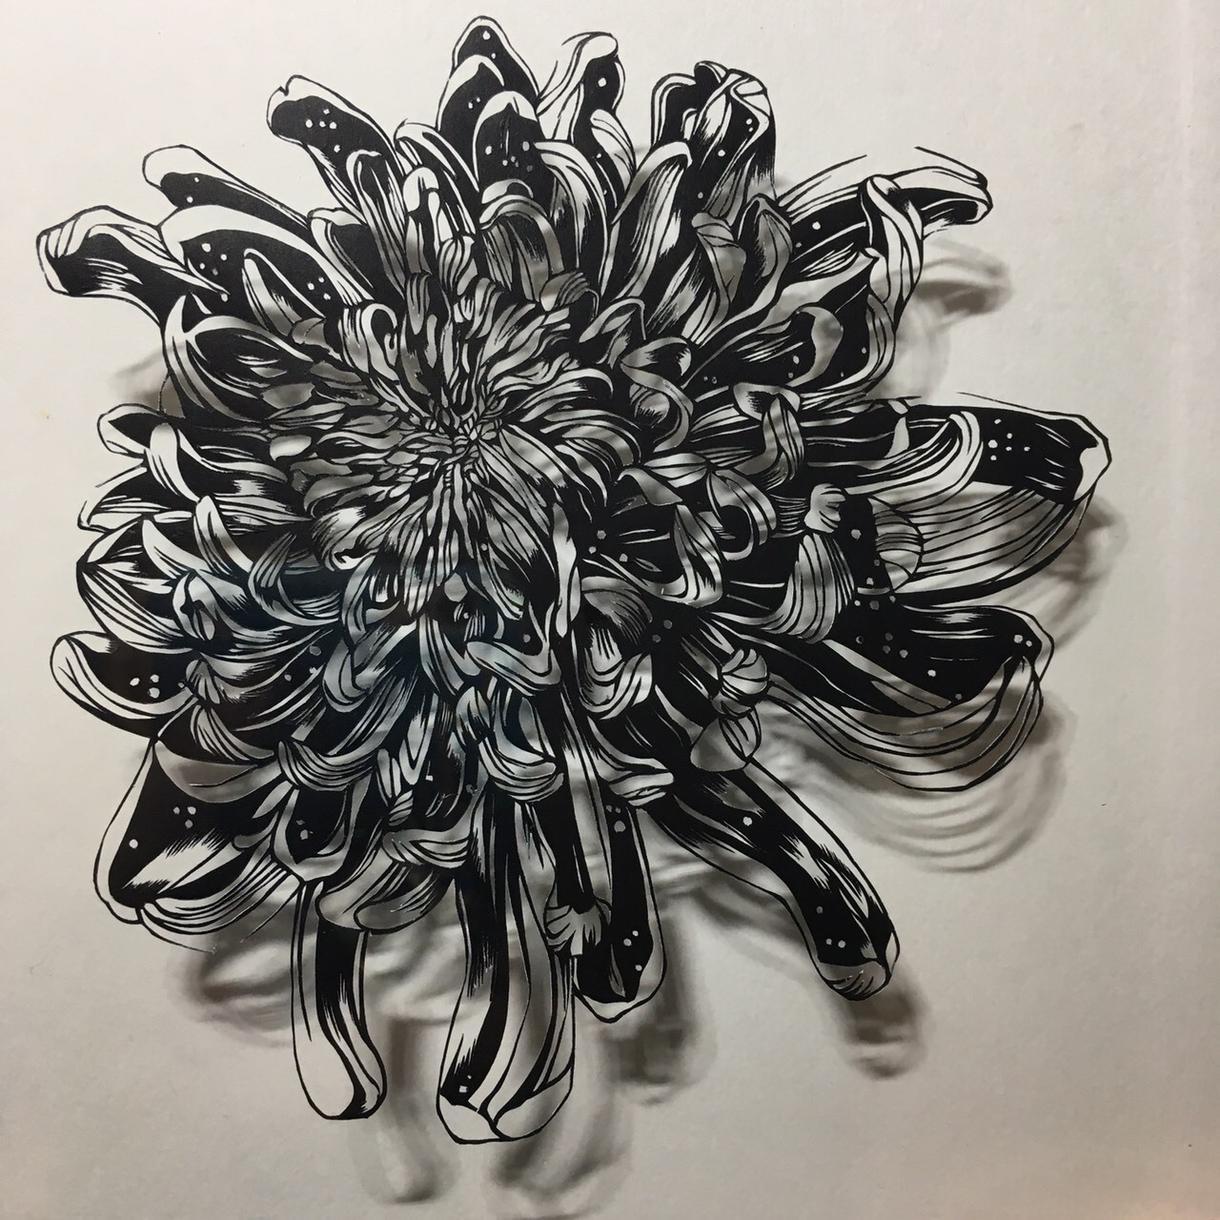 切り絵をオリジナルで制作致します 繊細なラインが魅力の切り絵は、光と影のアートです。